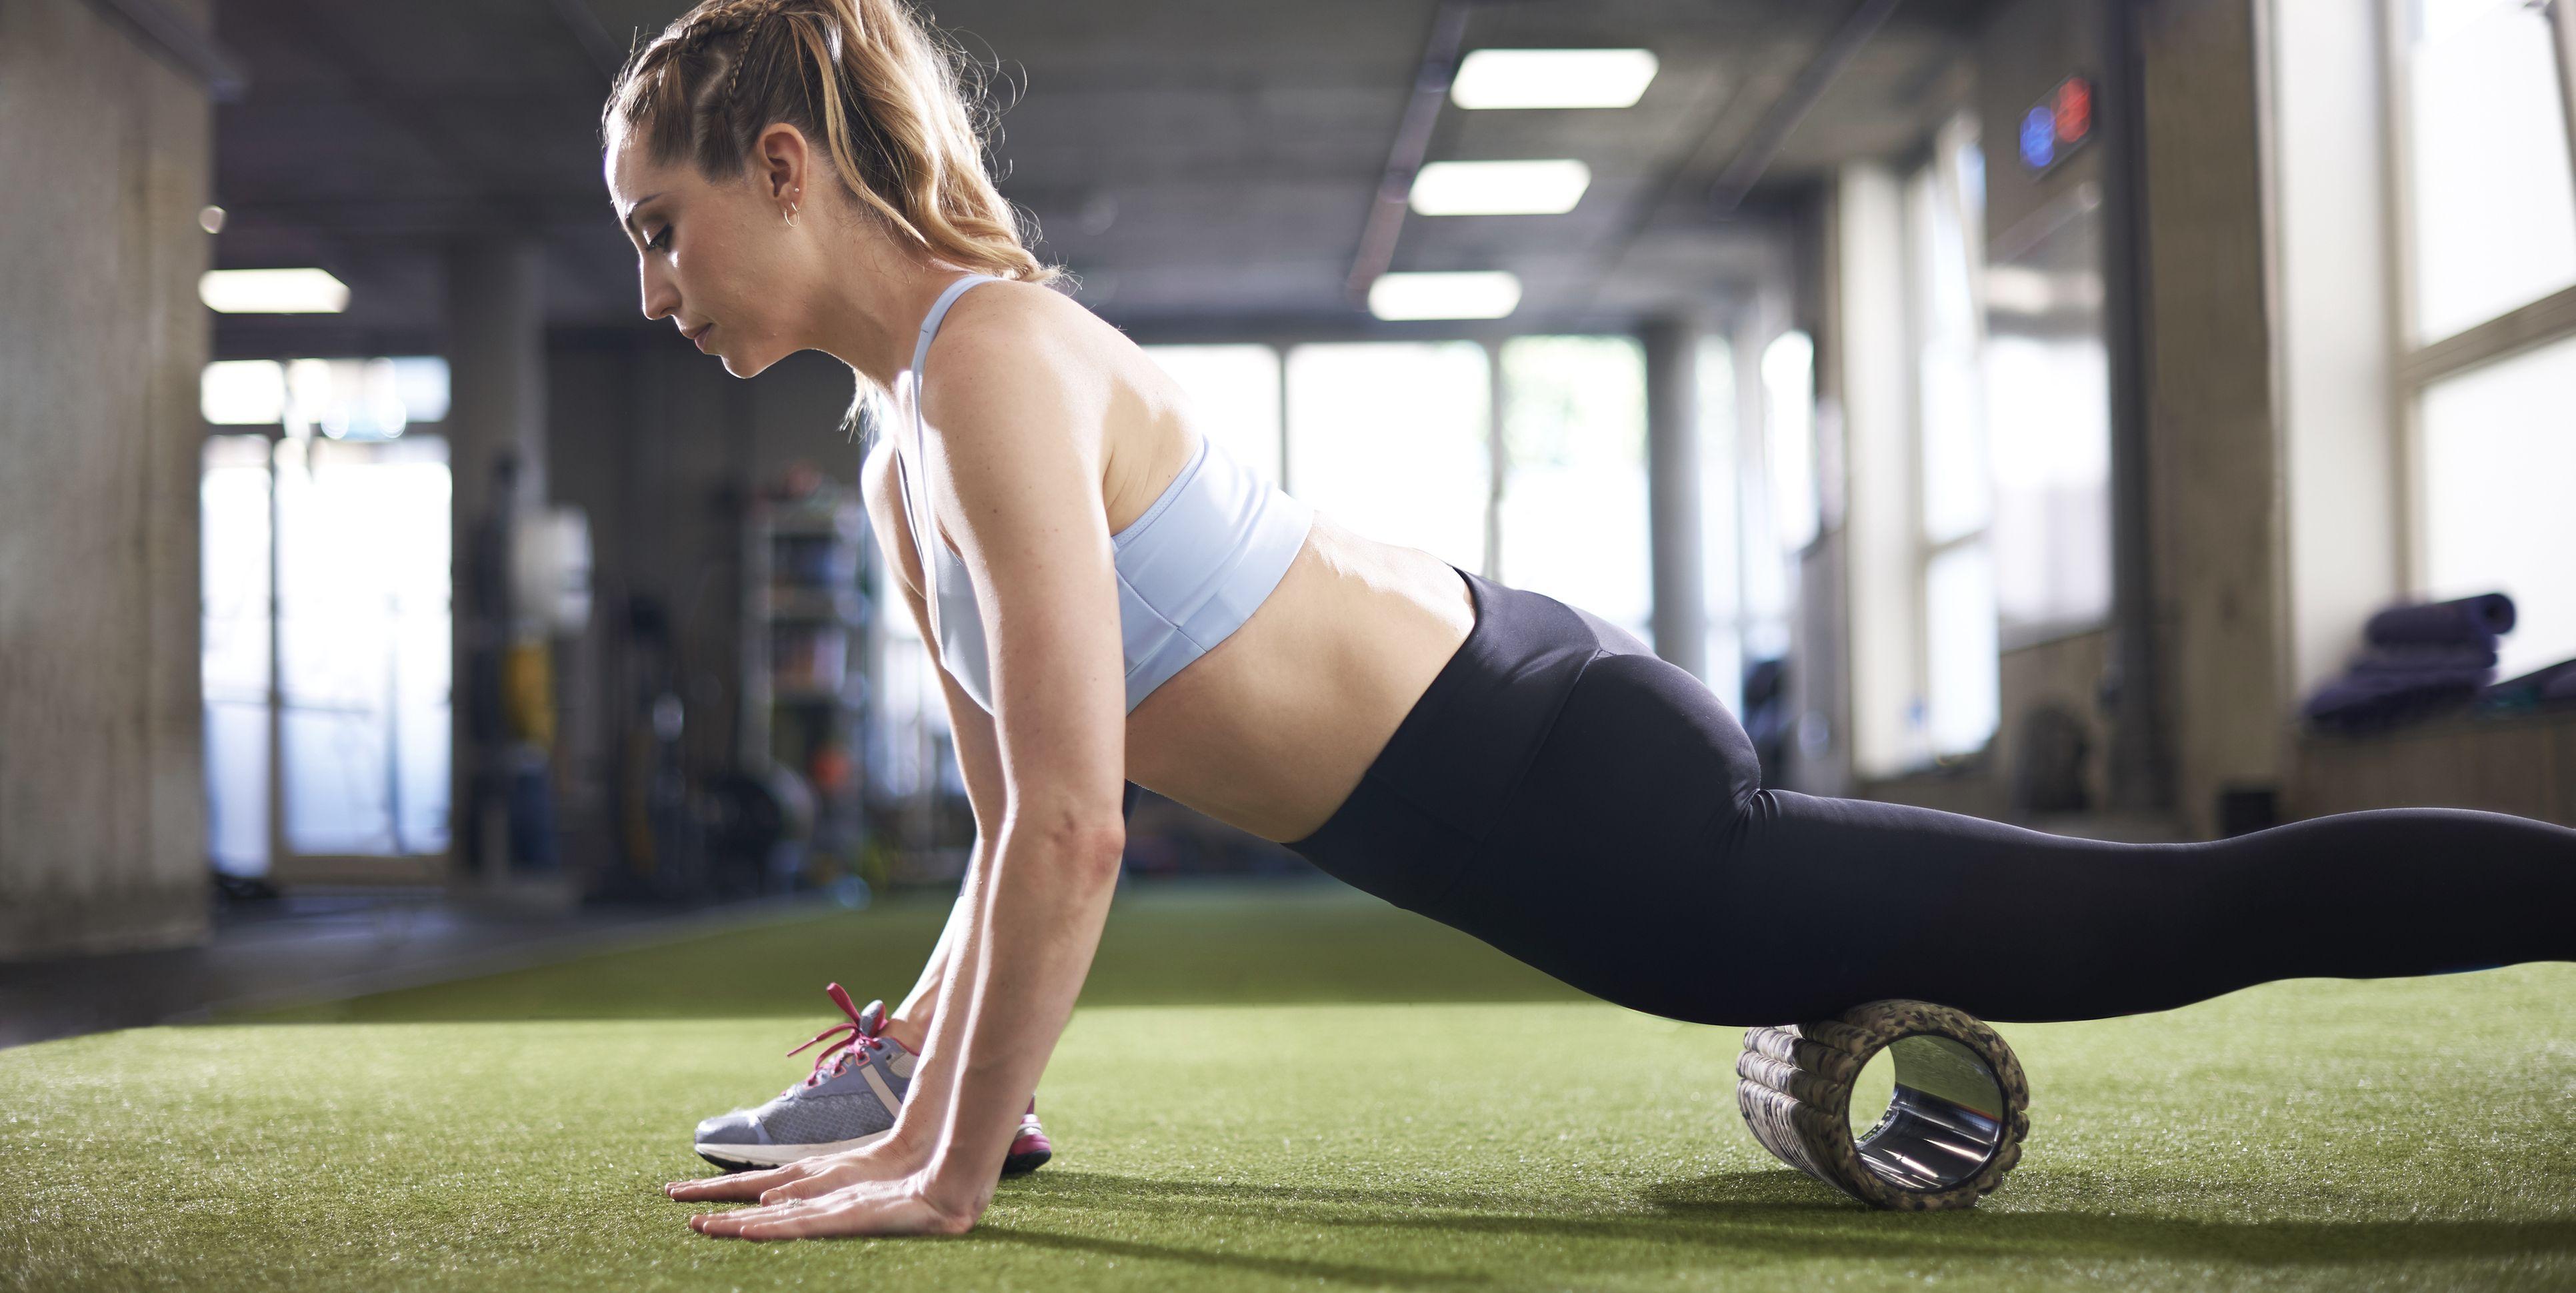 Woman using foam roller in gym